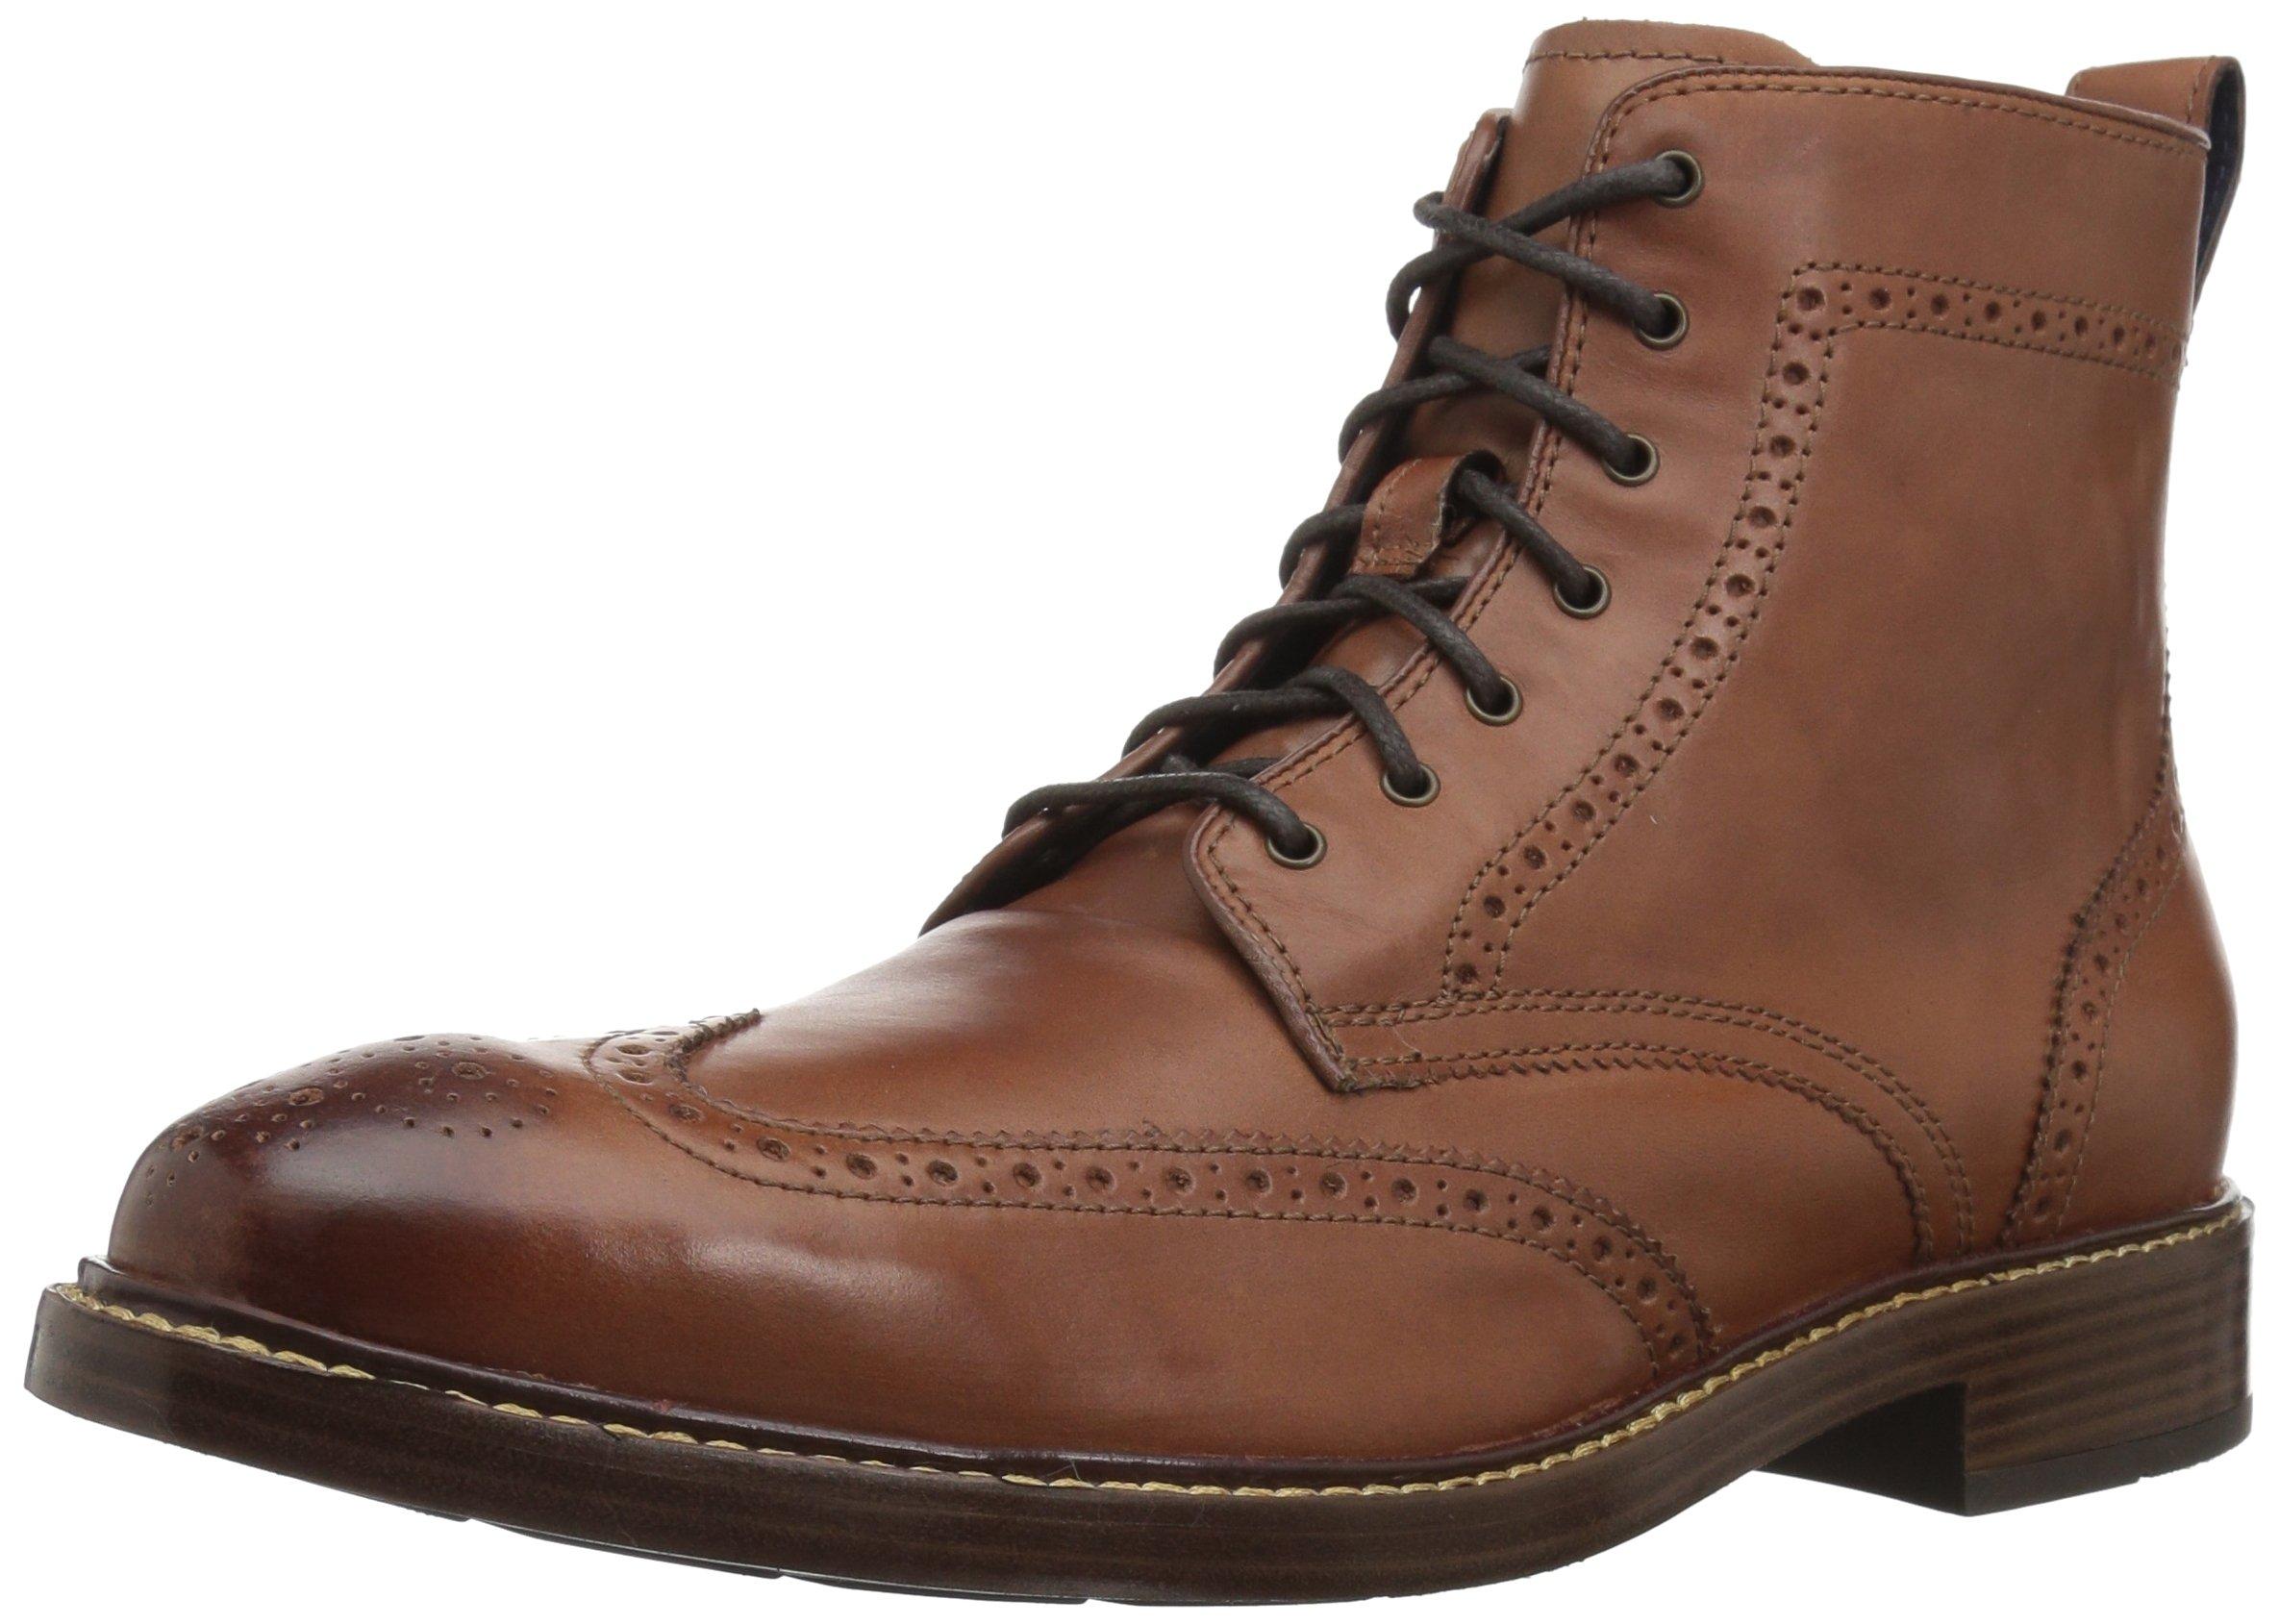 Cole Haan Men's Kennedy Wingtip II Fashion Boot, Woodbury, 10 Medium US